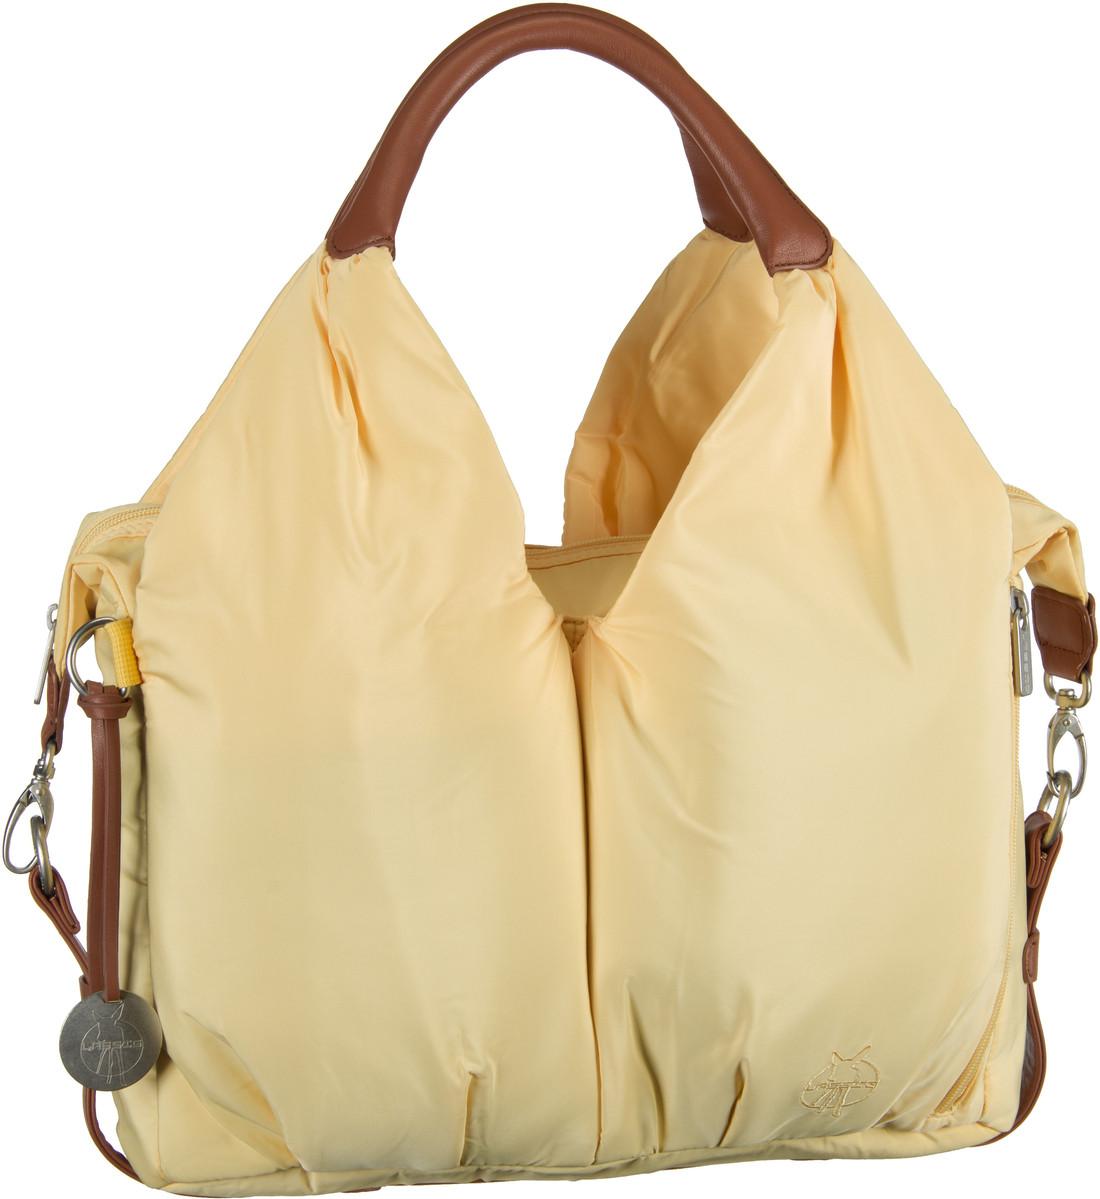 Lässig Glam Signature Bag Popcorn (innen: Mint) - Wickeltasche Sale Angebote Hornow-Wadelsdorf